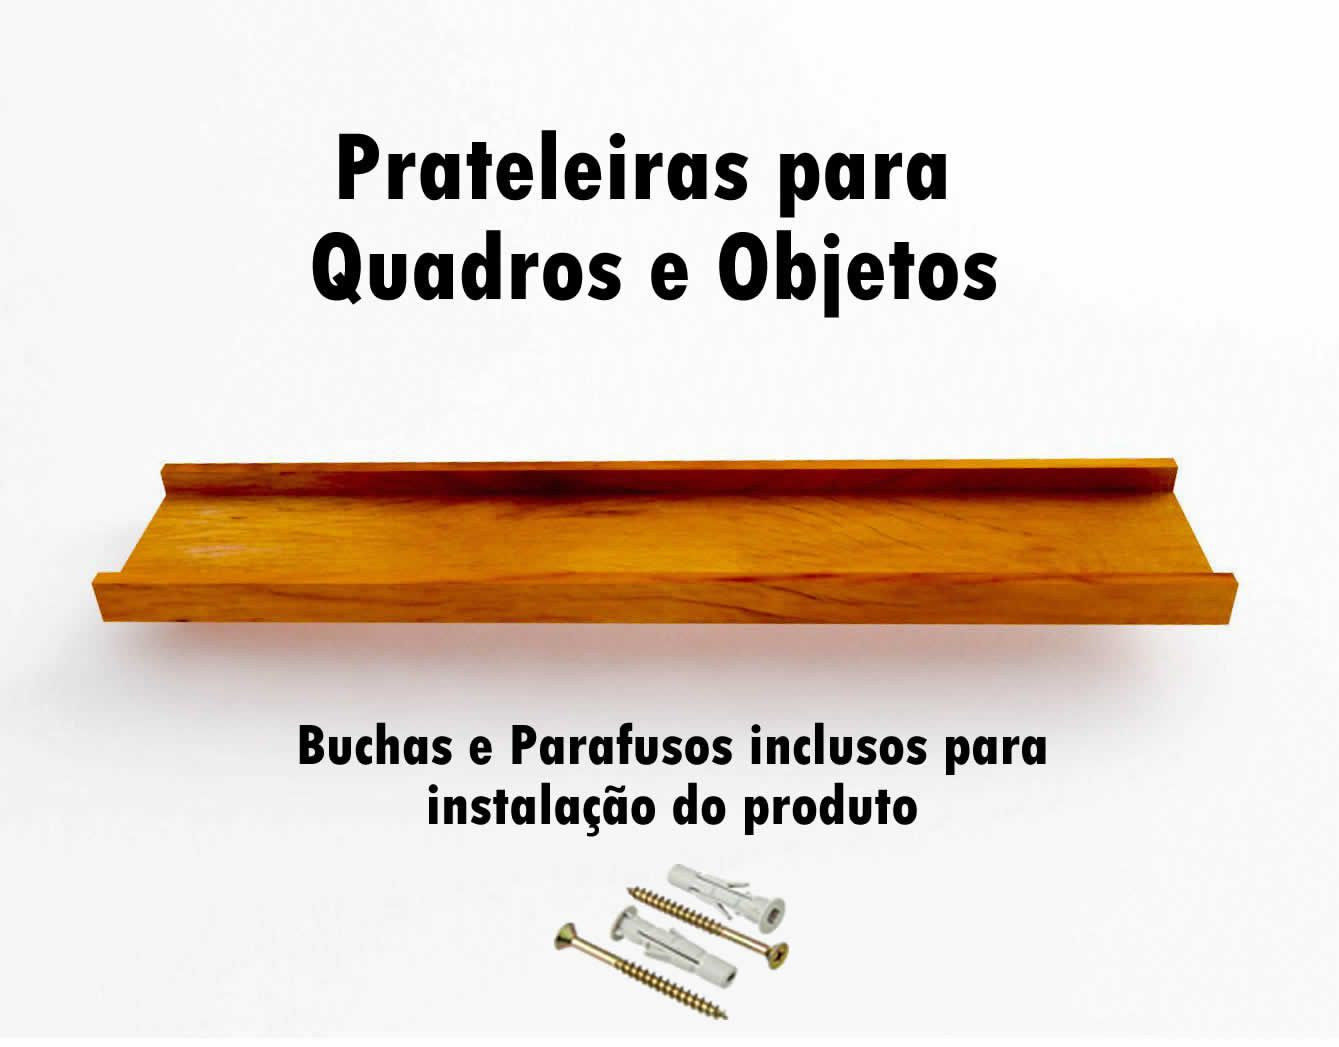 Prateleira em Madeira De Demolição para Quadros medindo 60x15x4